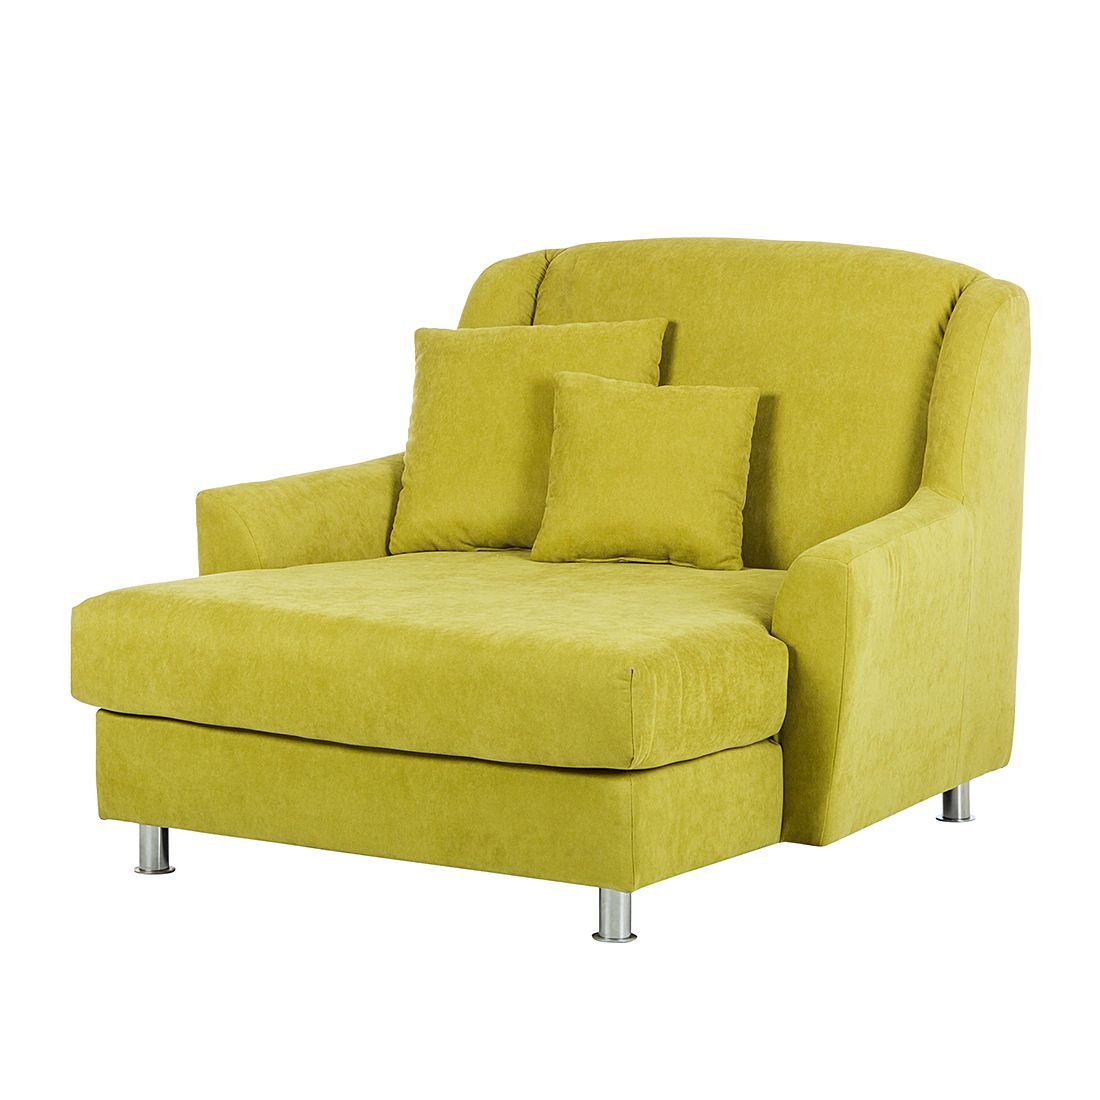 Xxl sessel günstig  Xxl sessel - Möbel - einebinsenweisheit